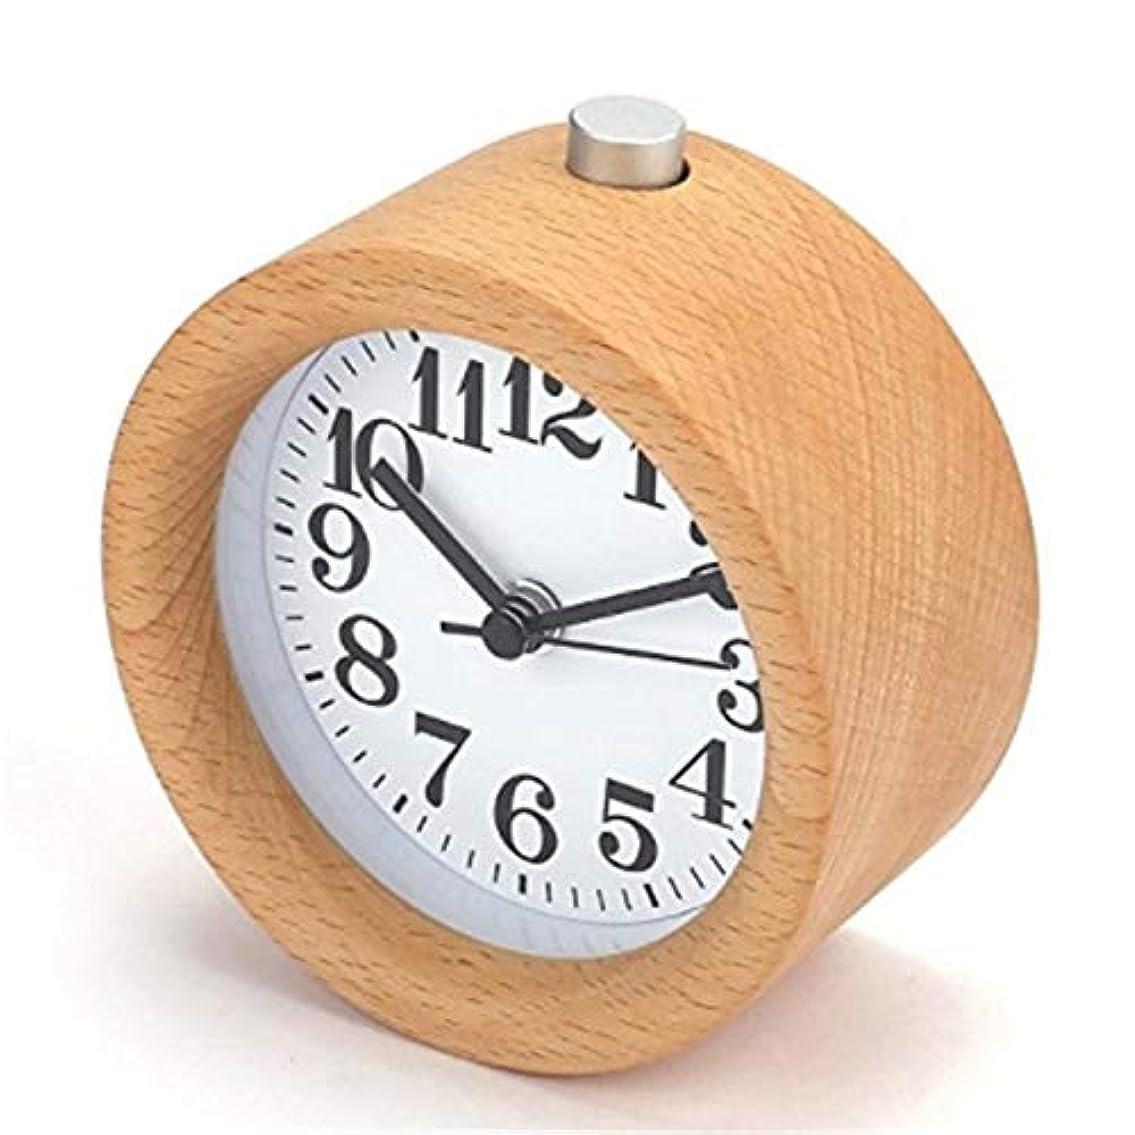 秘密の物理習慣NLE時計 学生創造的なベッドサイドLEDクロックミュート人格スヌーズ小さな目覚まし時計